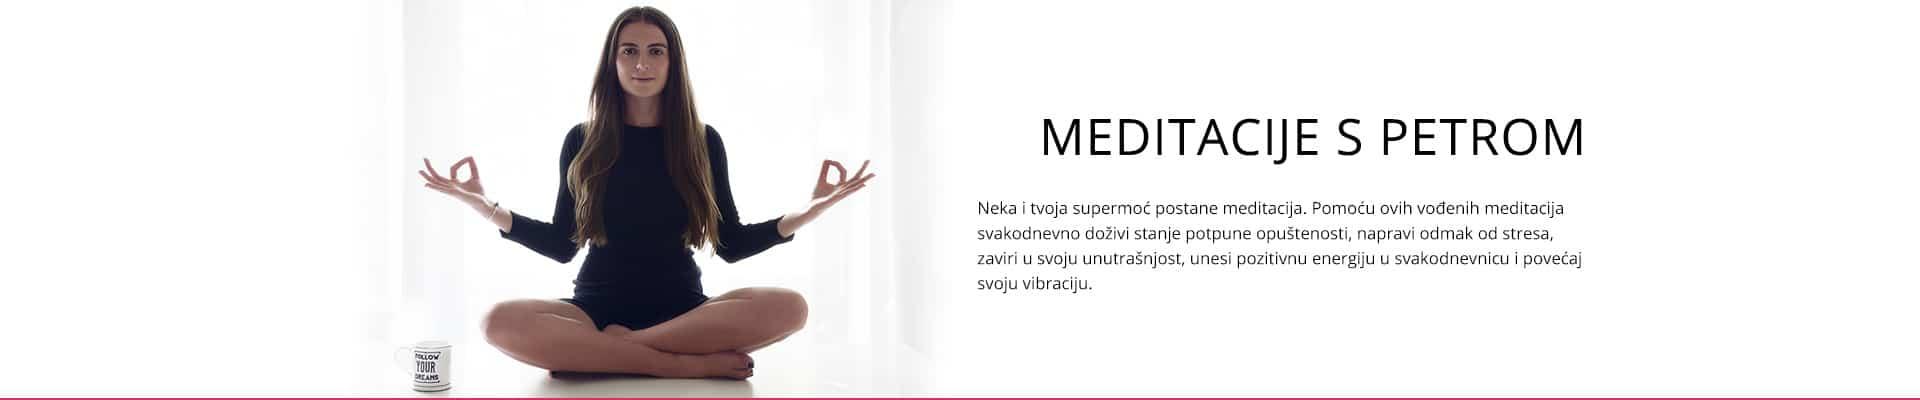 Petra Cutuk Vjeruj Traži Manifestiraj Zdravlje Meditacija Vježbe Disanja Samopouzdanje Posao Vođena Meditacija